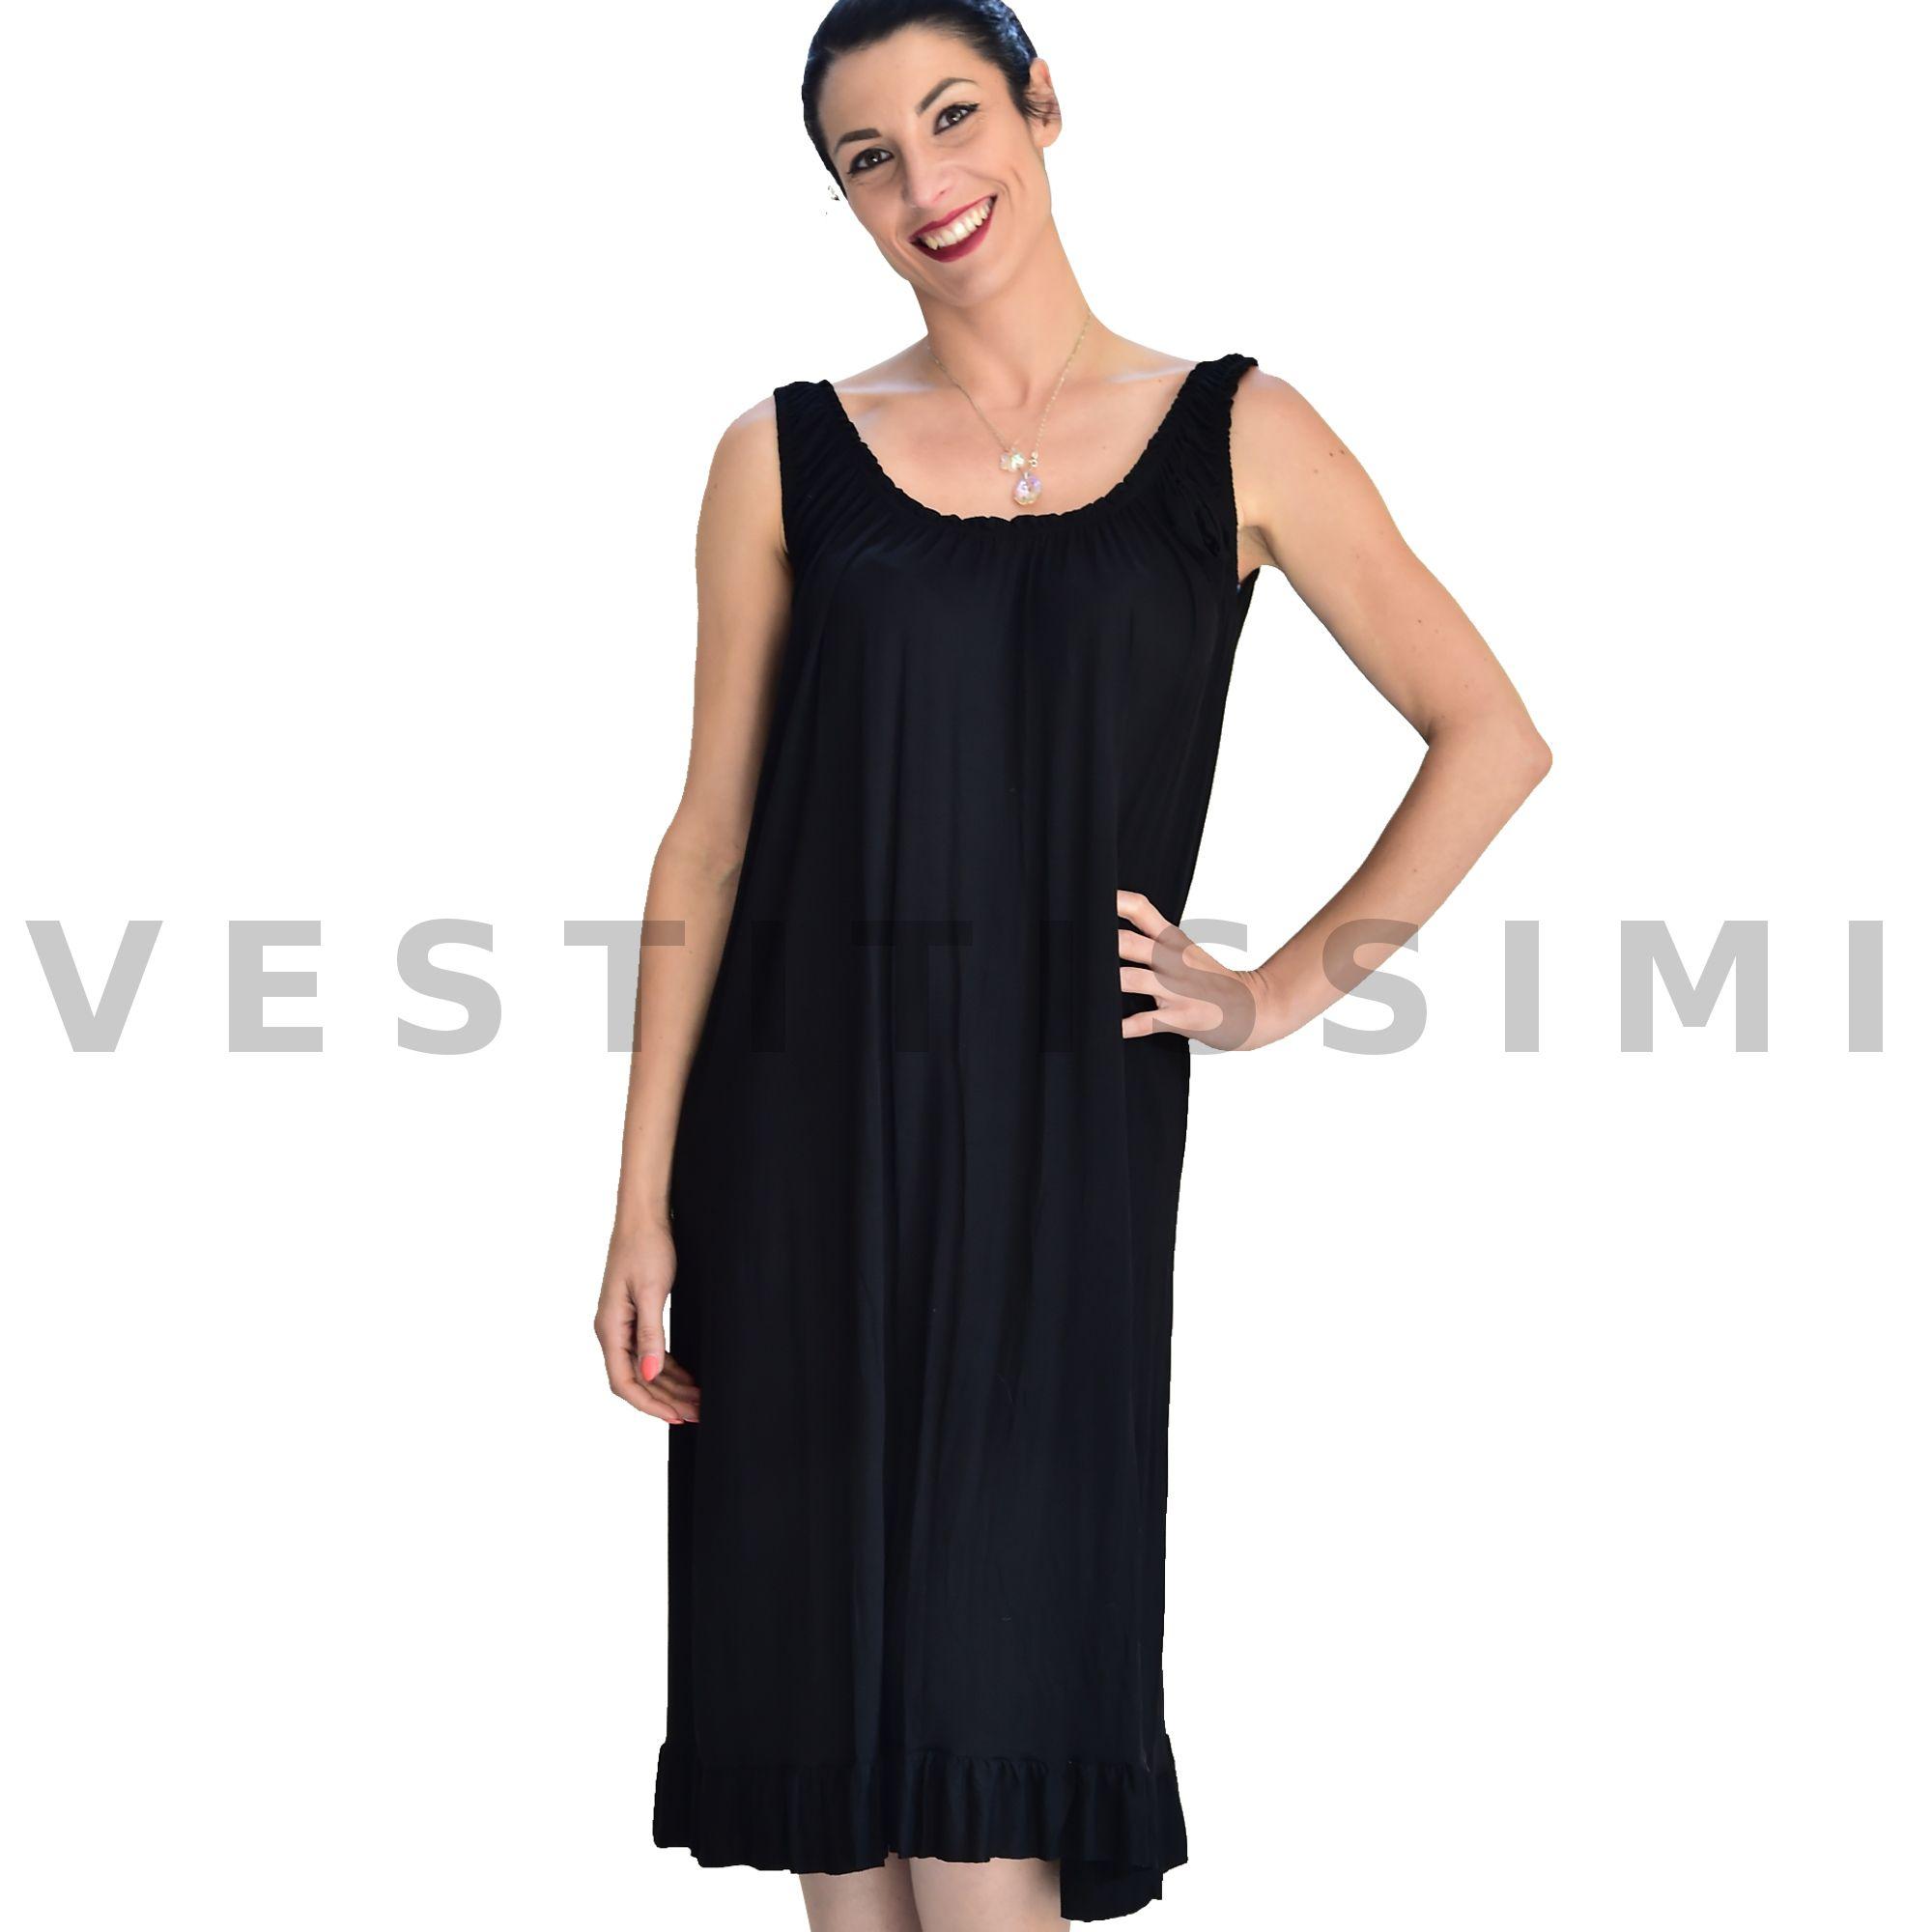 Abito vestito donna miniabito vestitino ESTIVO MARE copricostume canottiera  Vs23 5bc308f6dc30